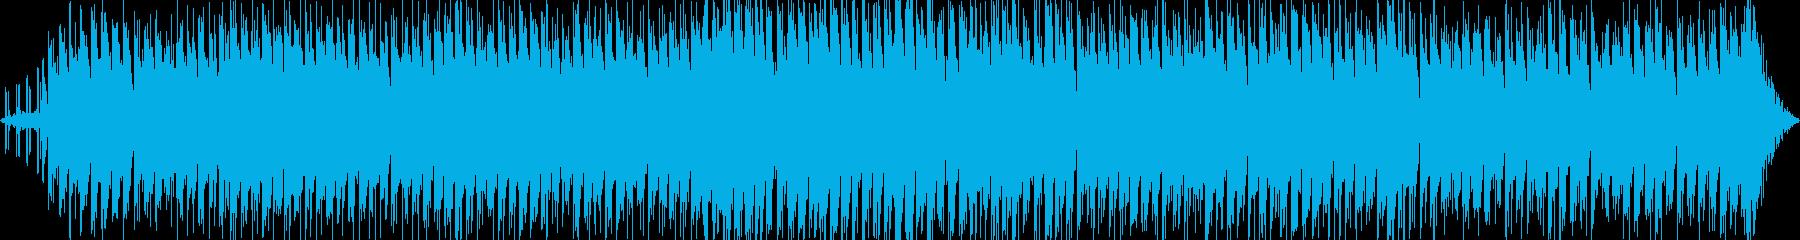 かわいい感じのエレクトロポップスの再生済みの波形